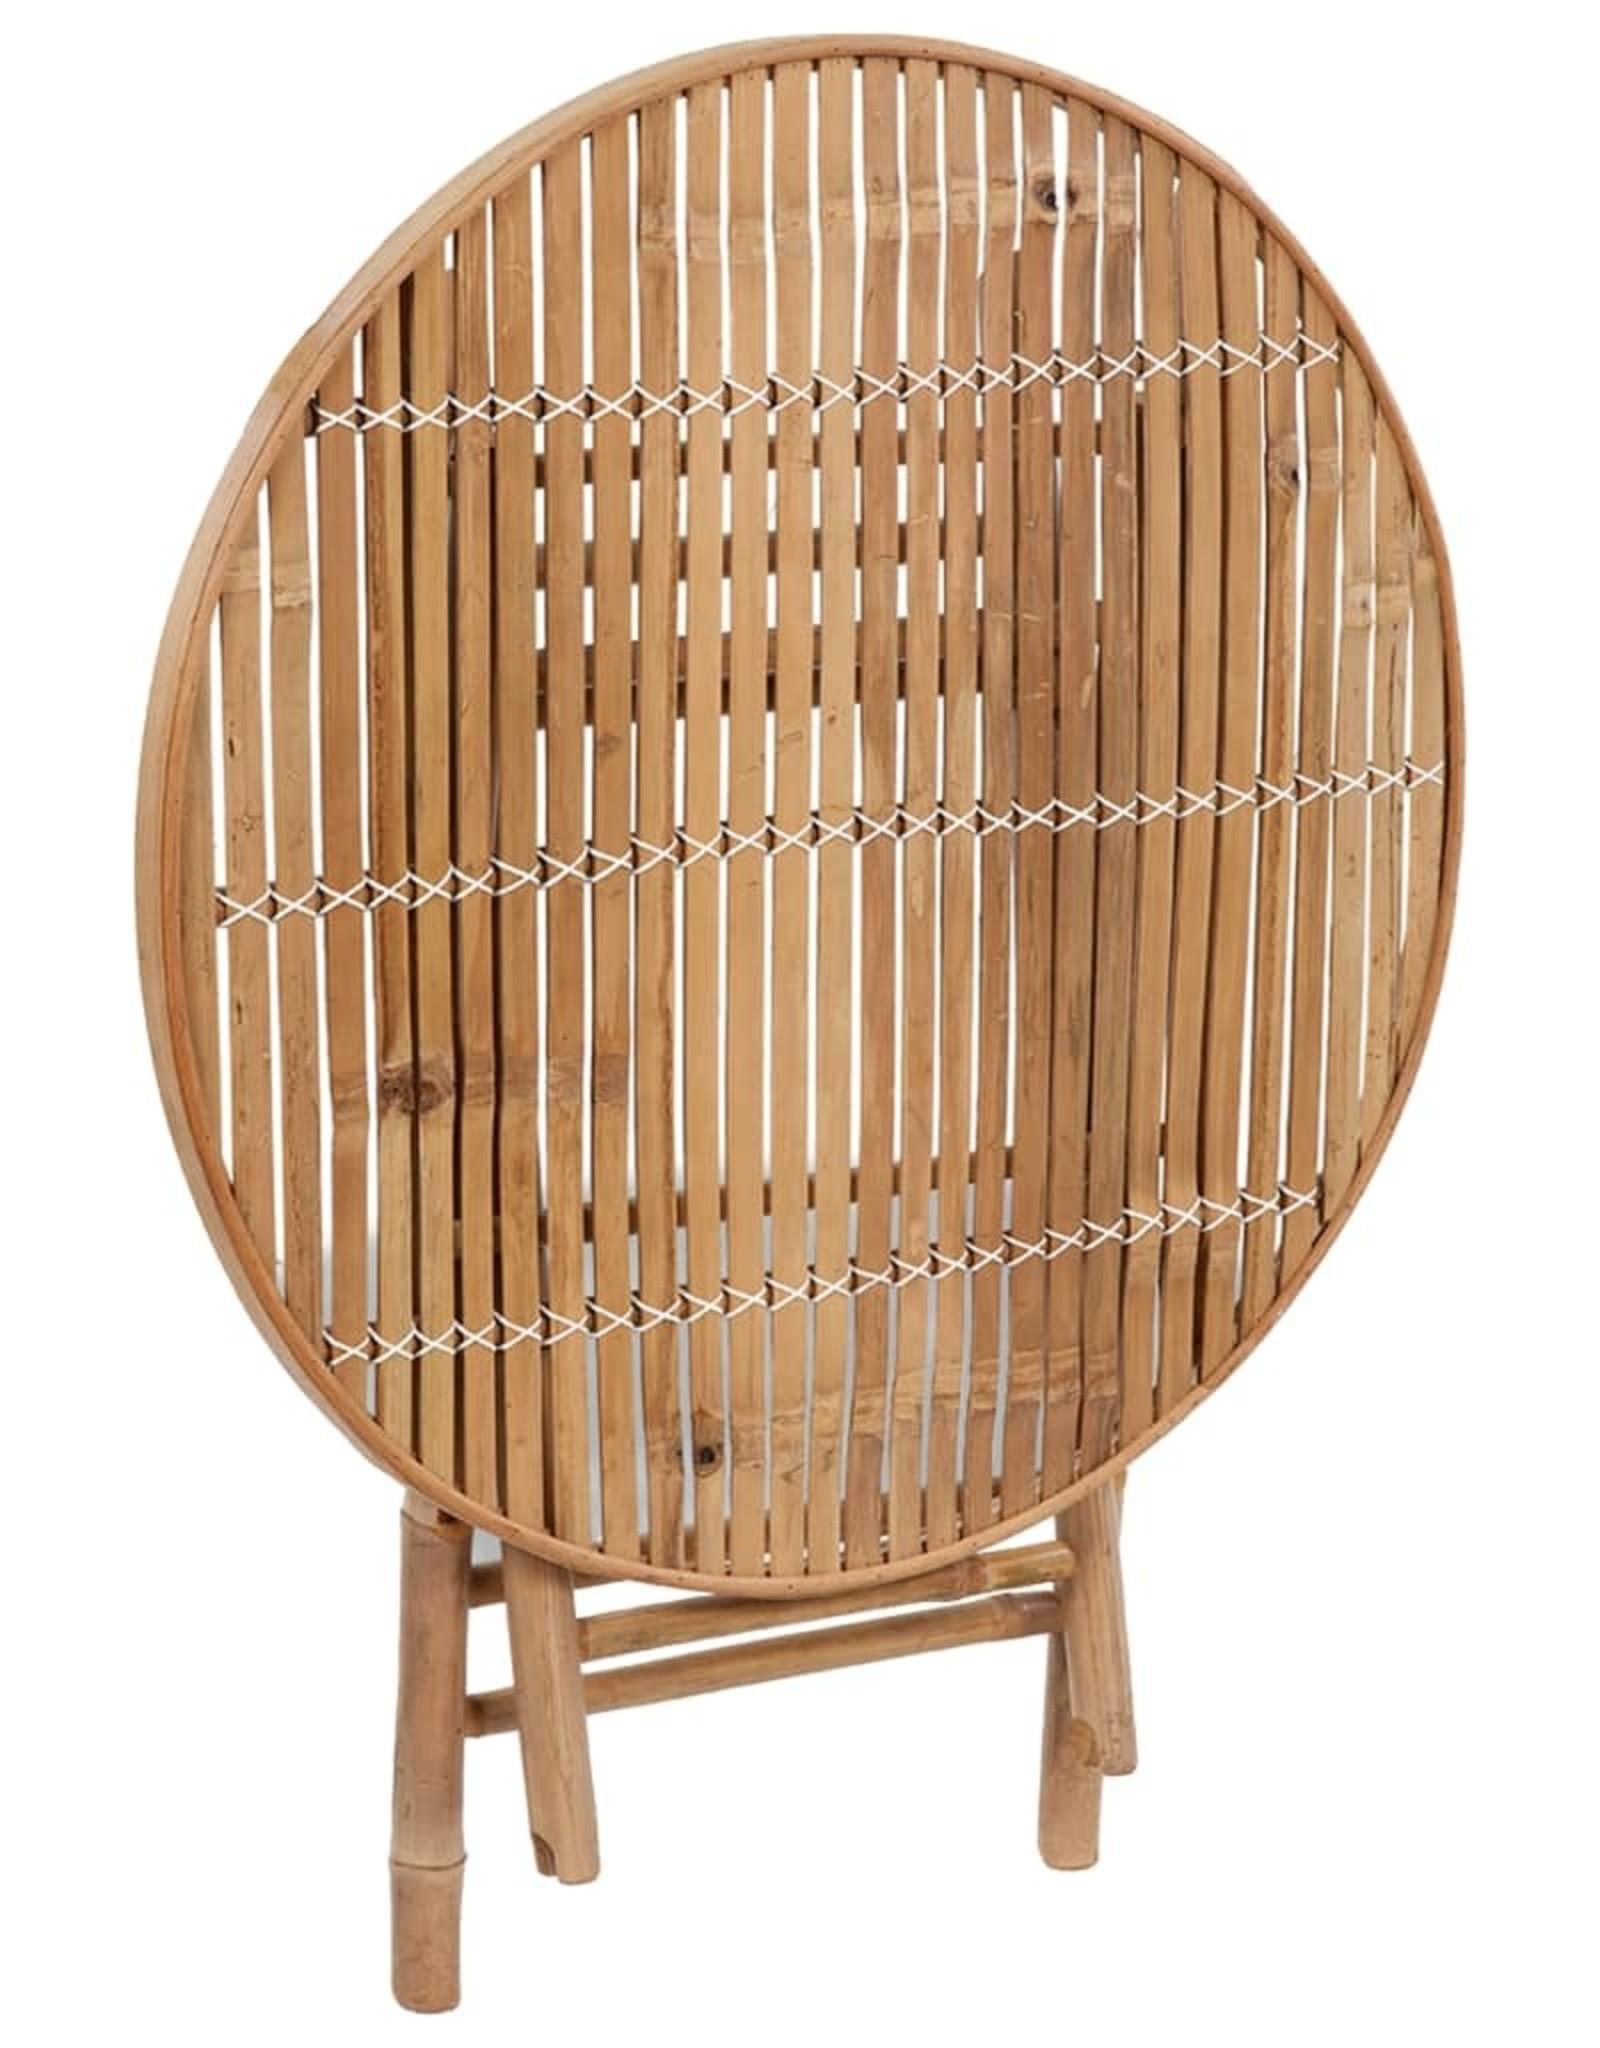 5-delige Tuinset inklapbaar met kussens bamboe